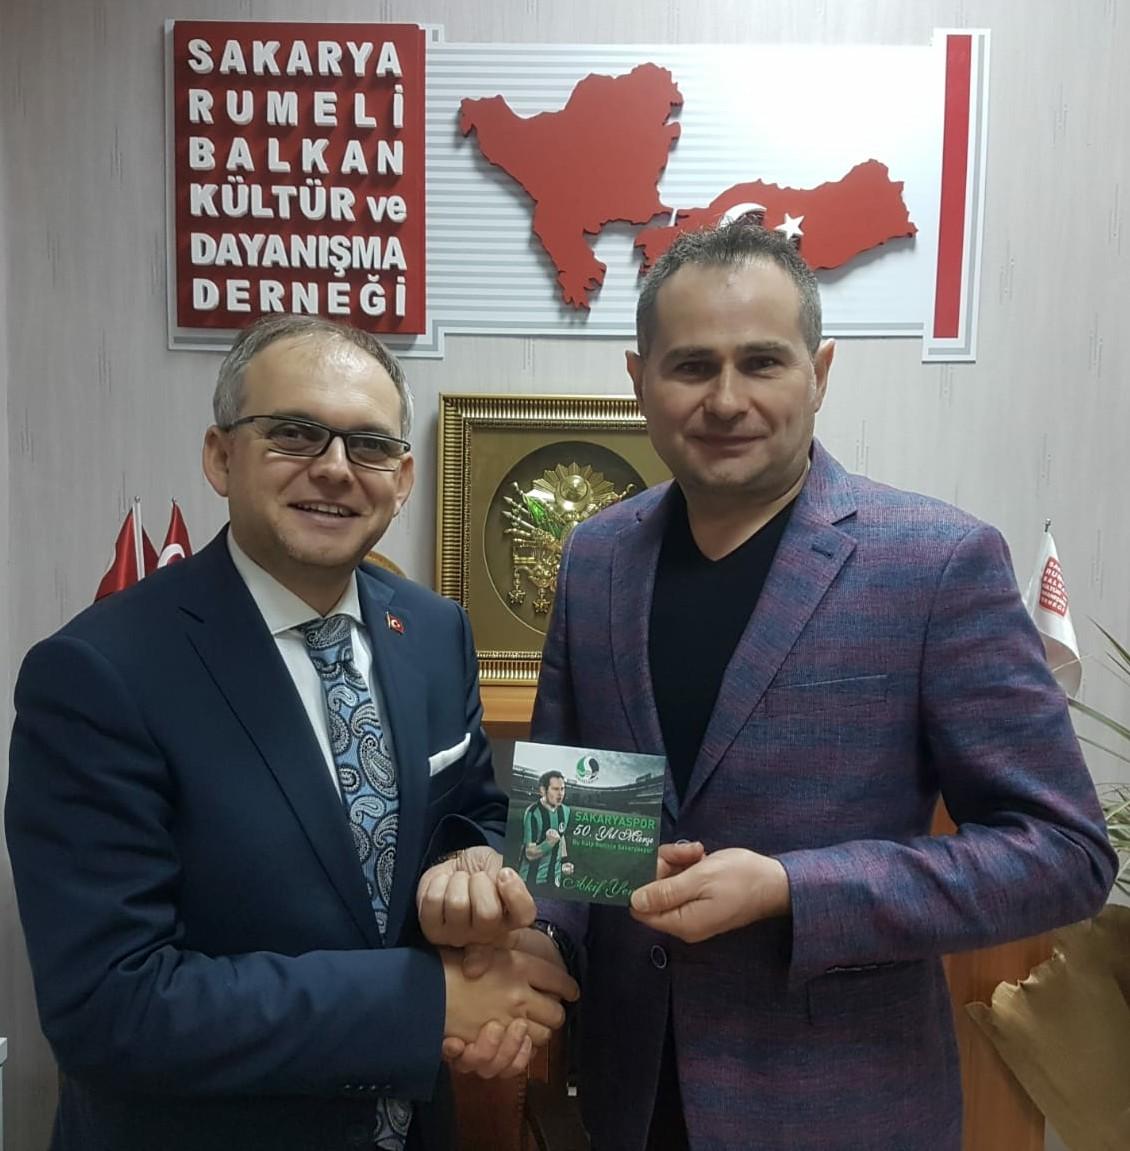 'Akif Yener Sakarya'nın değeridir'